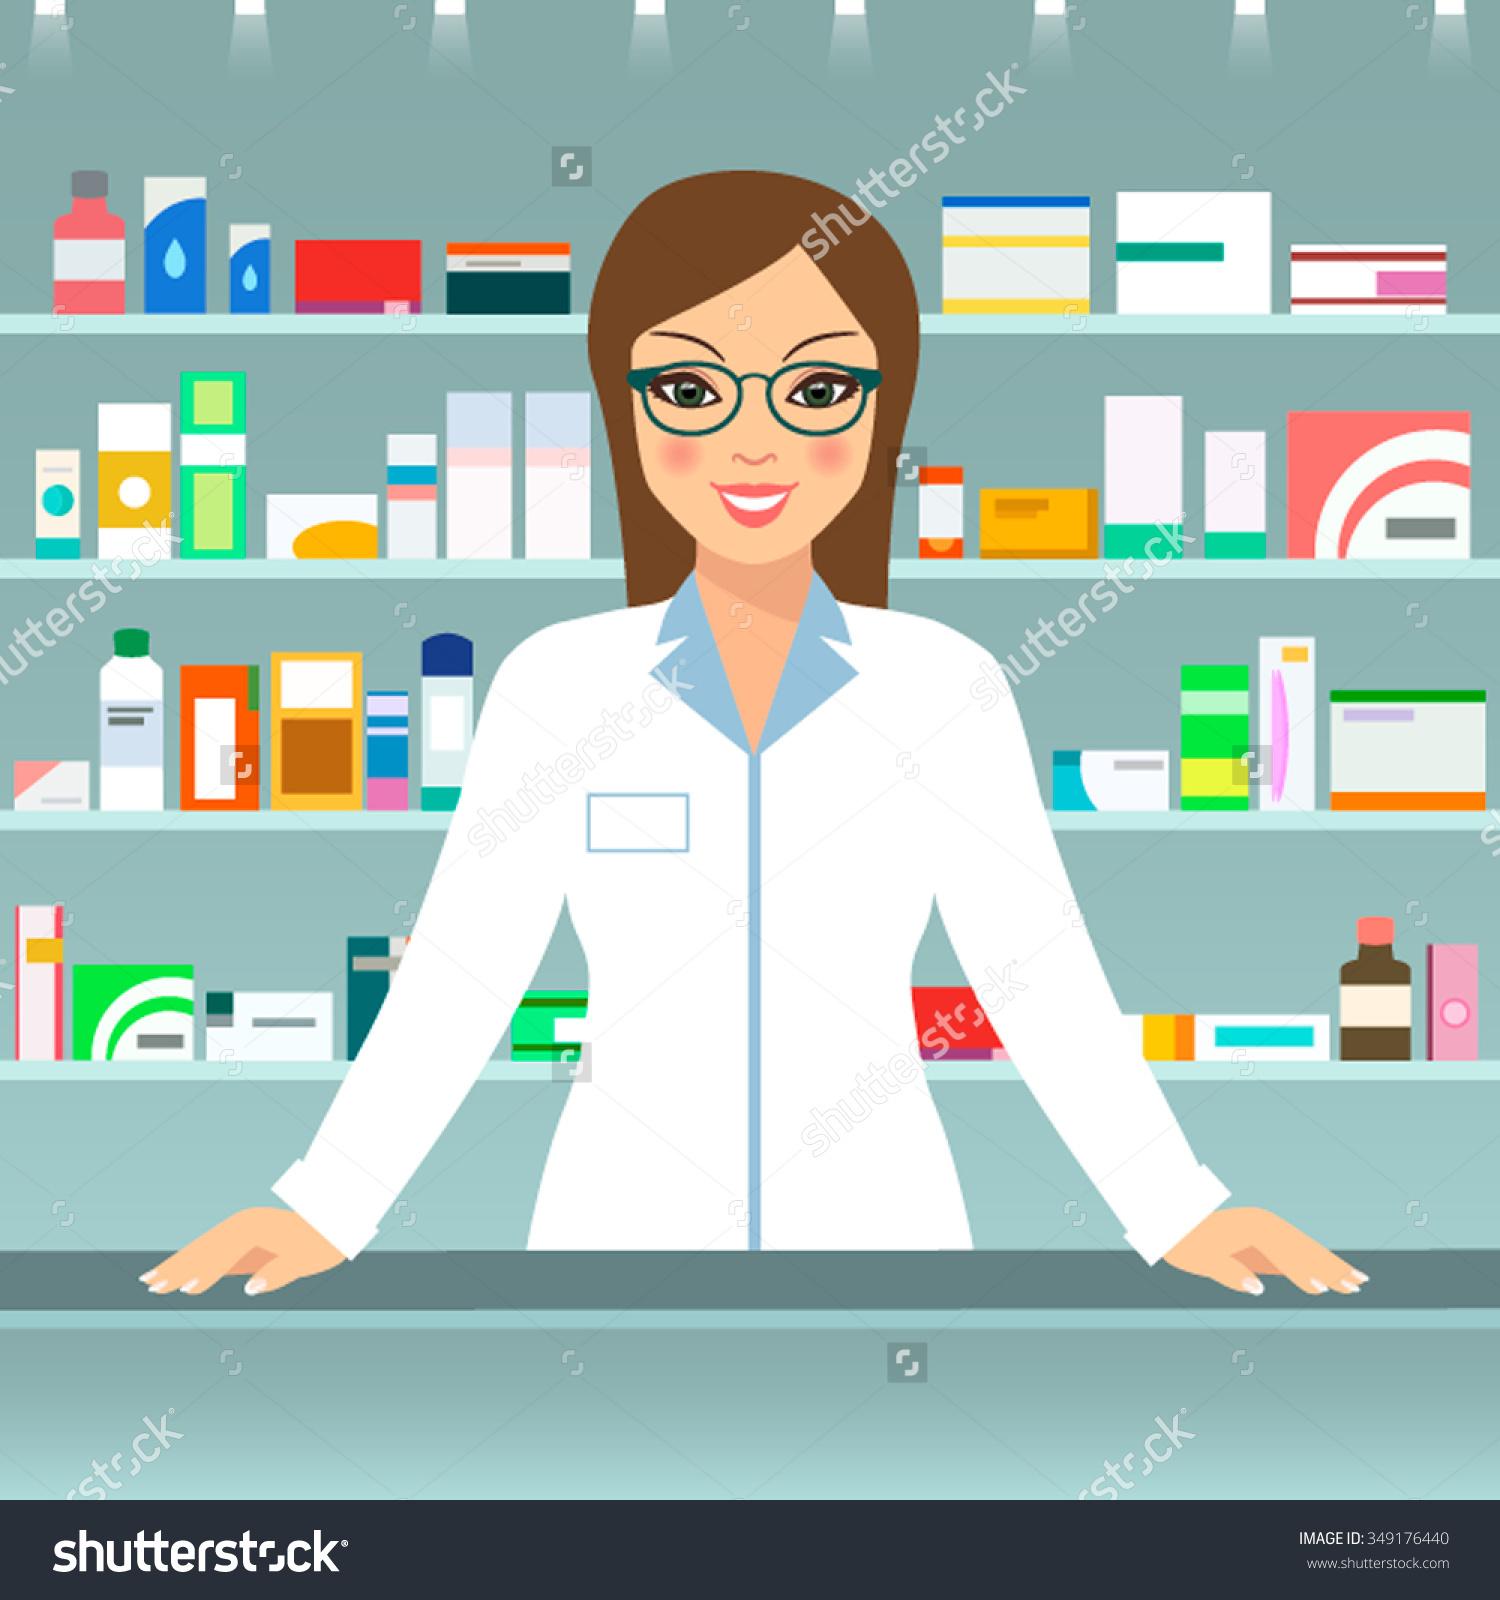 картинки с изображением аптеки как можно